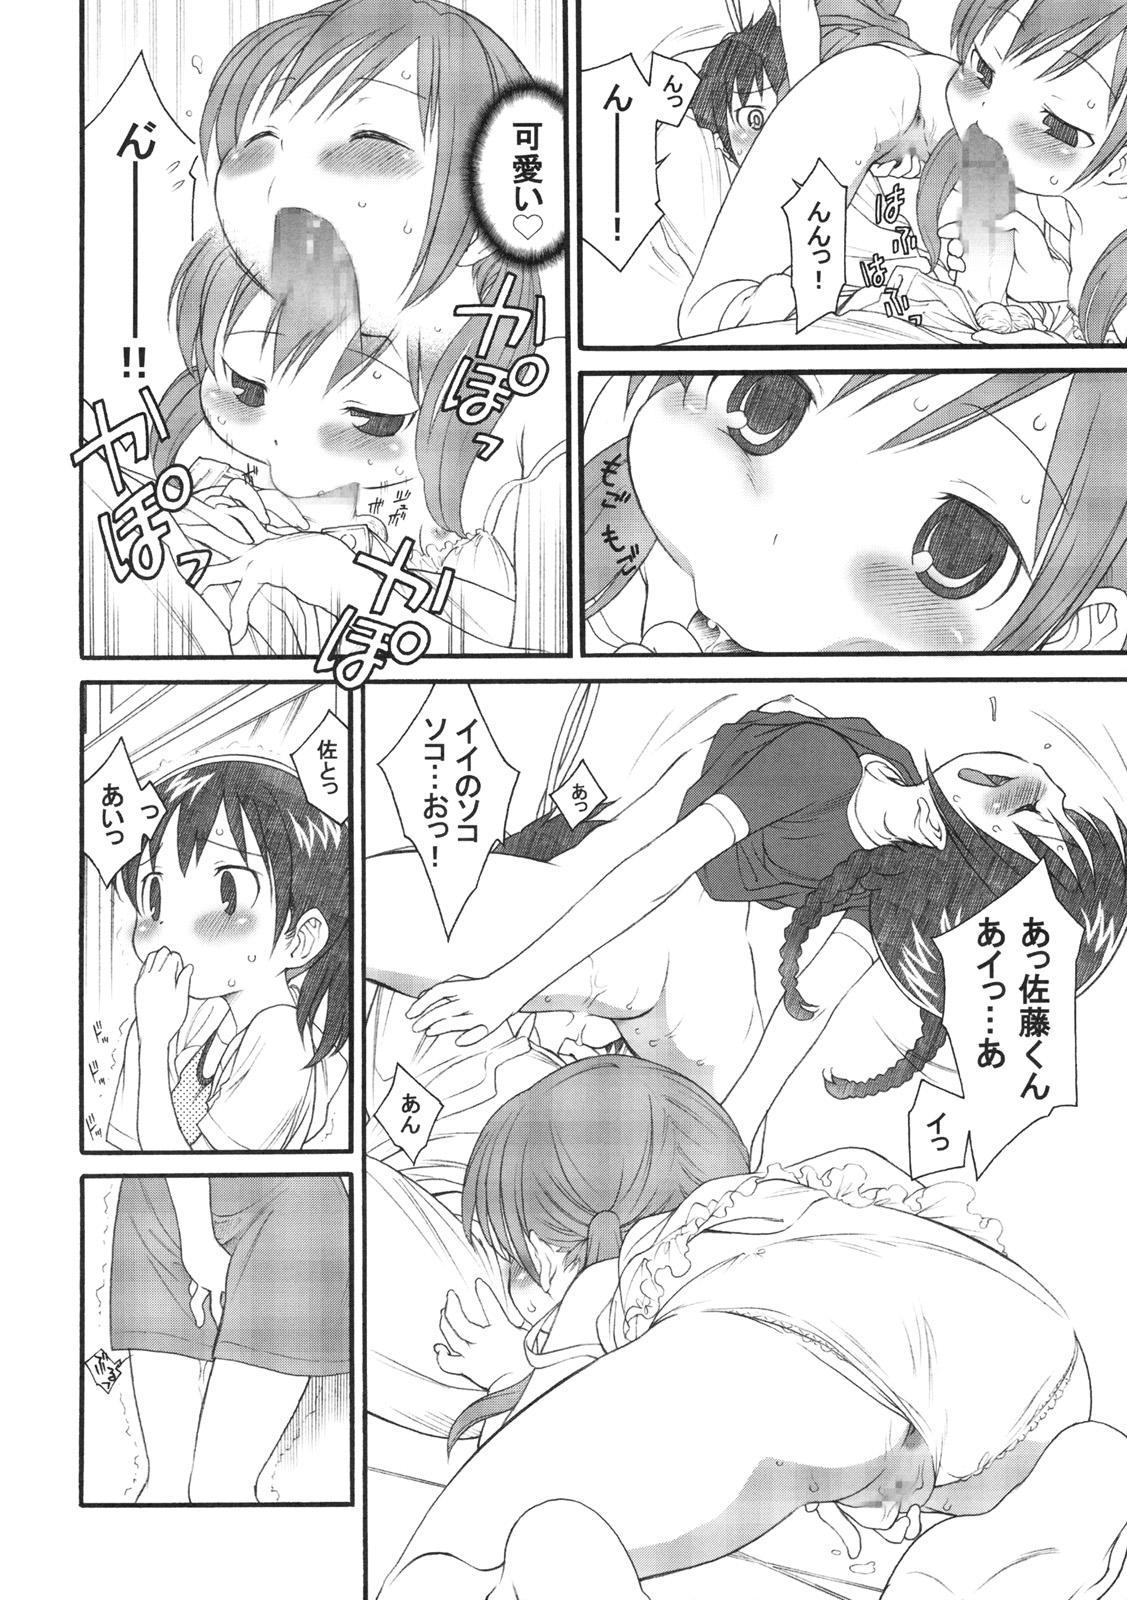 S ga Suki de Shouganai-tai 6